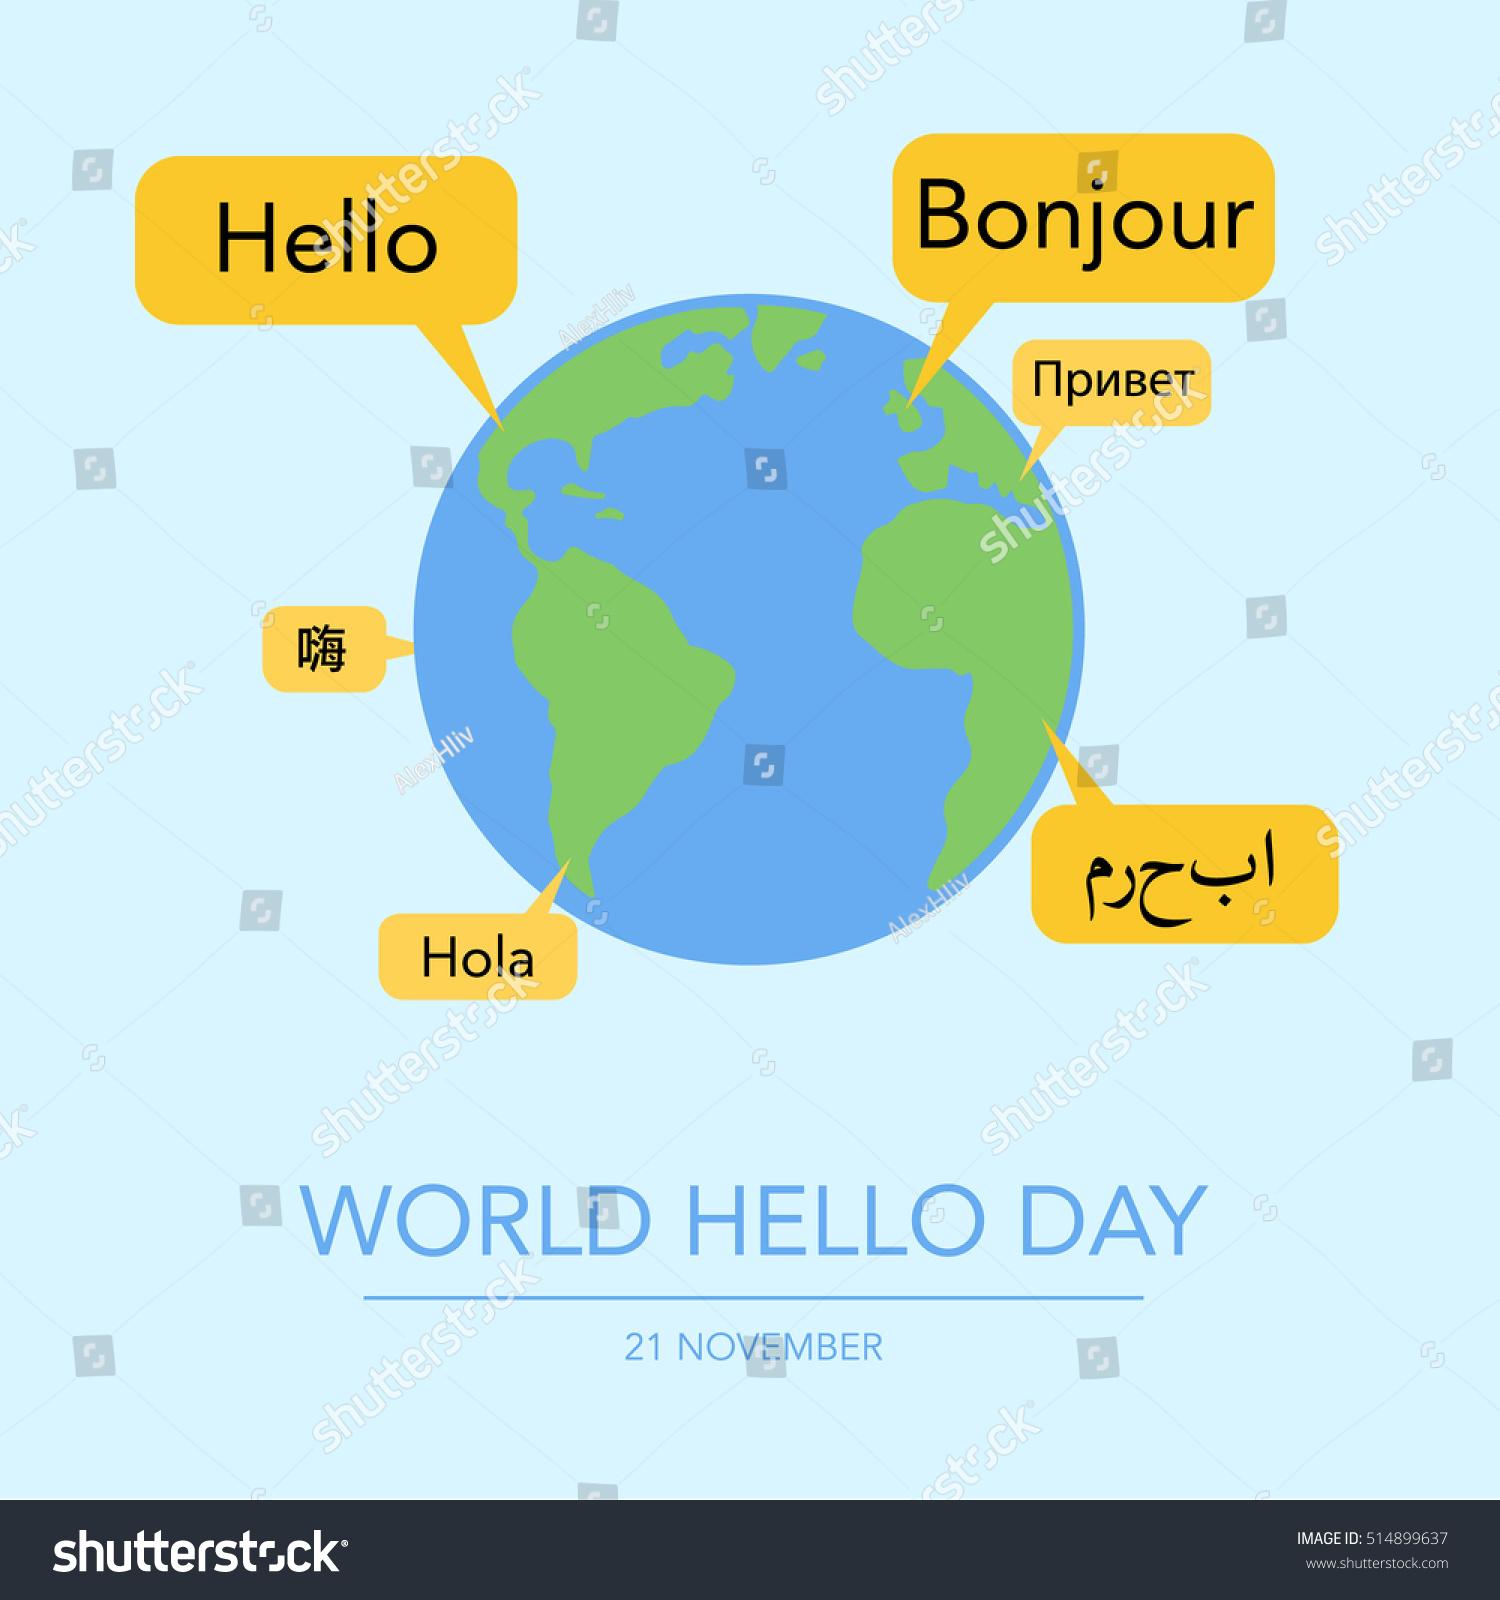 World Hello Day: Holiday November 21 World Hello Day Stock Vector 514899637